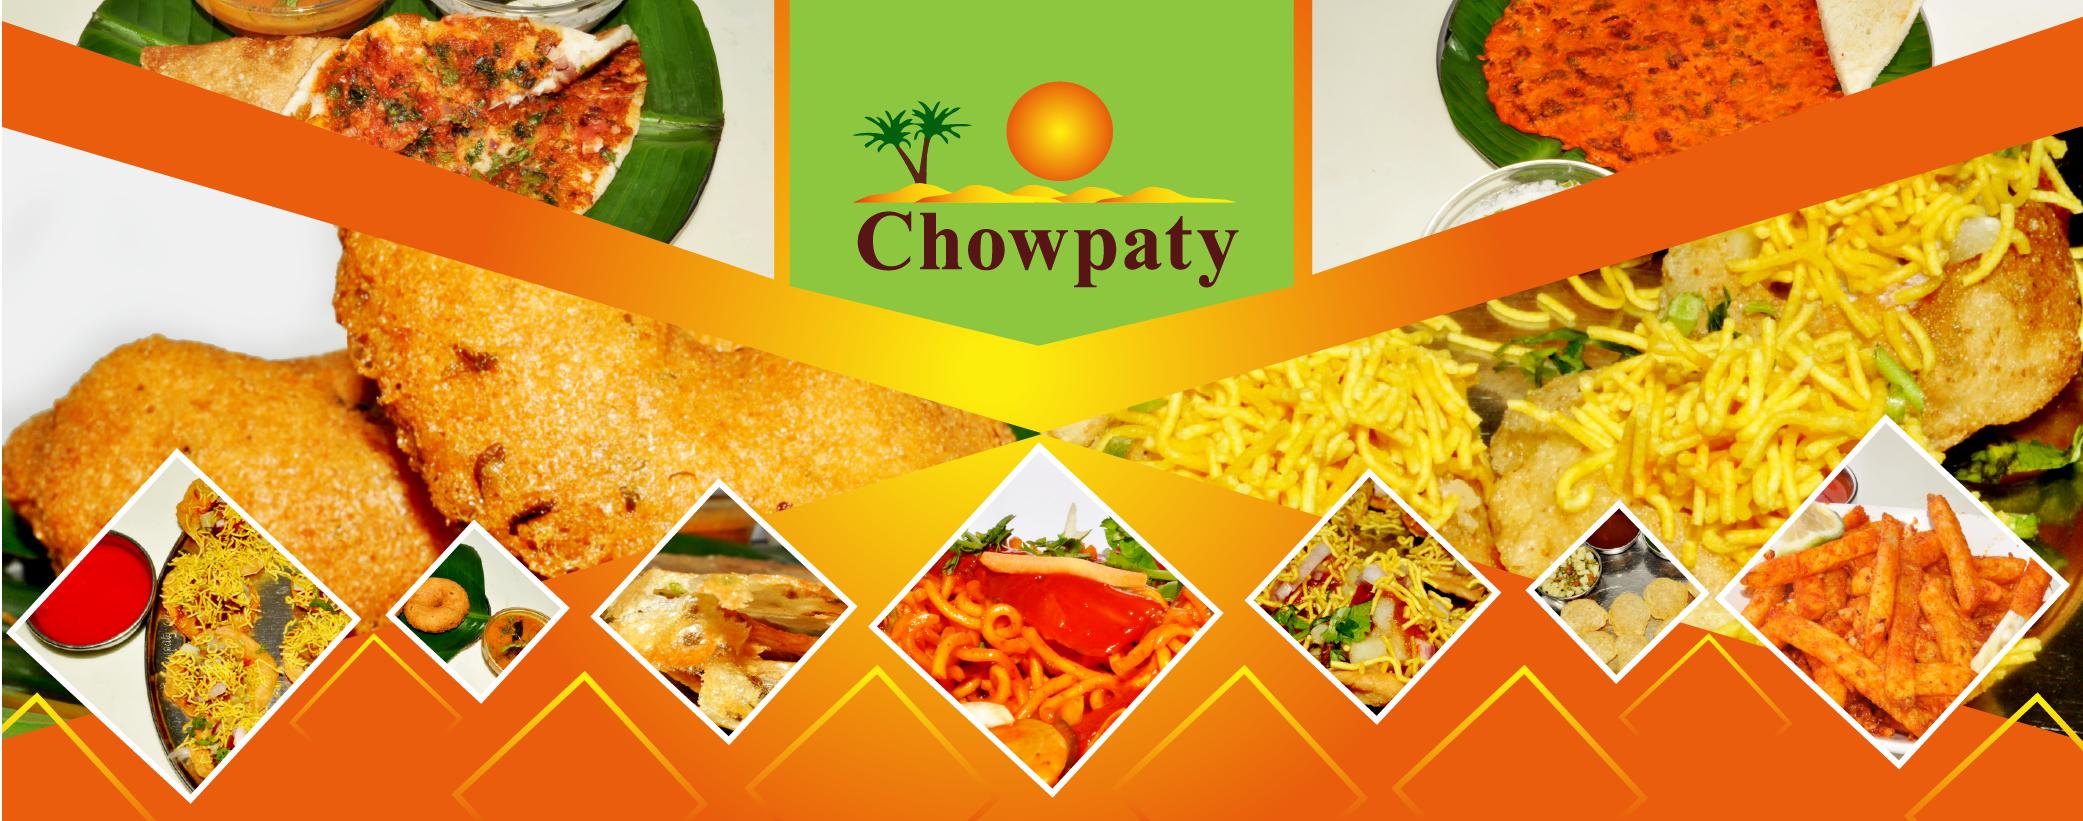 Chowpaty